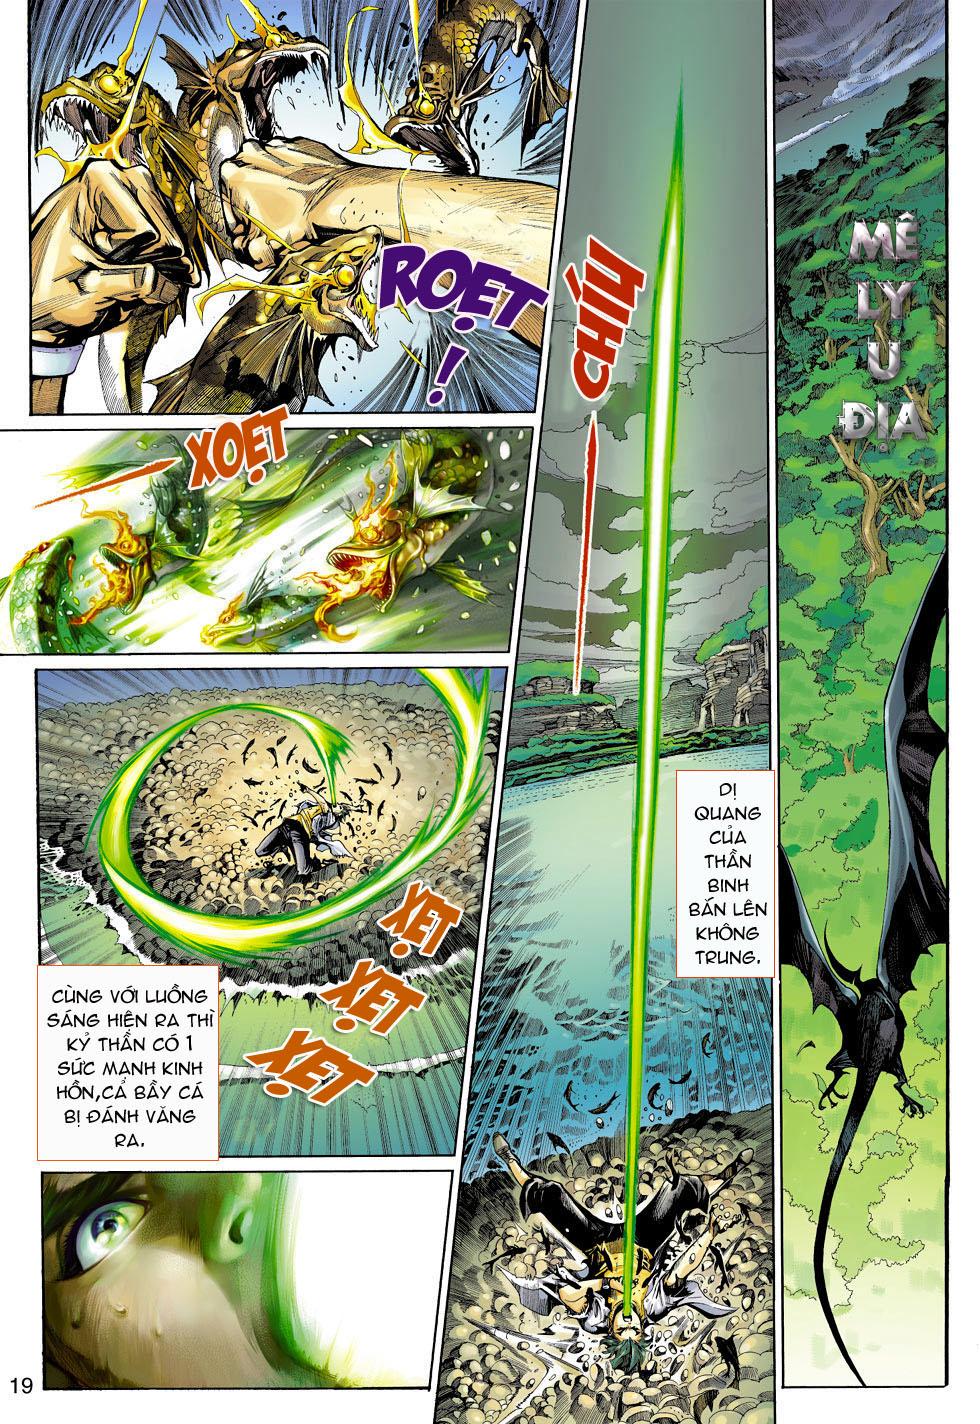 Thần Binh 4 chap 4 - Trang 19